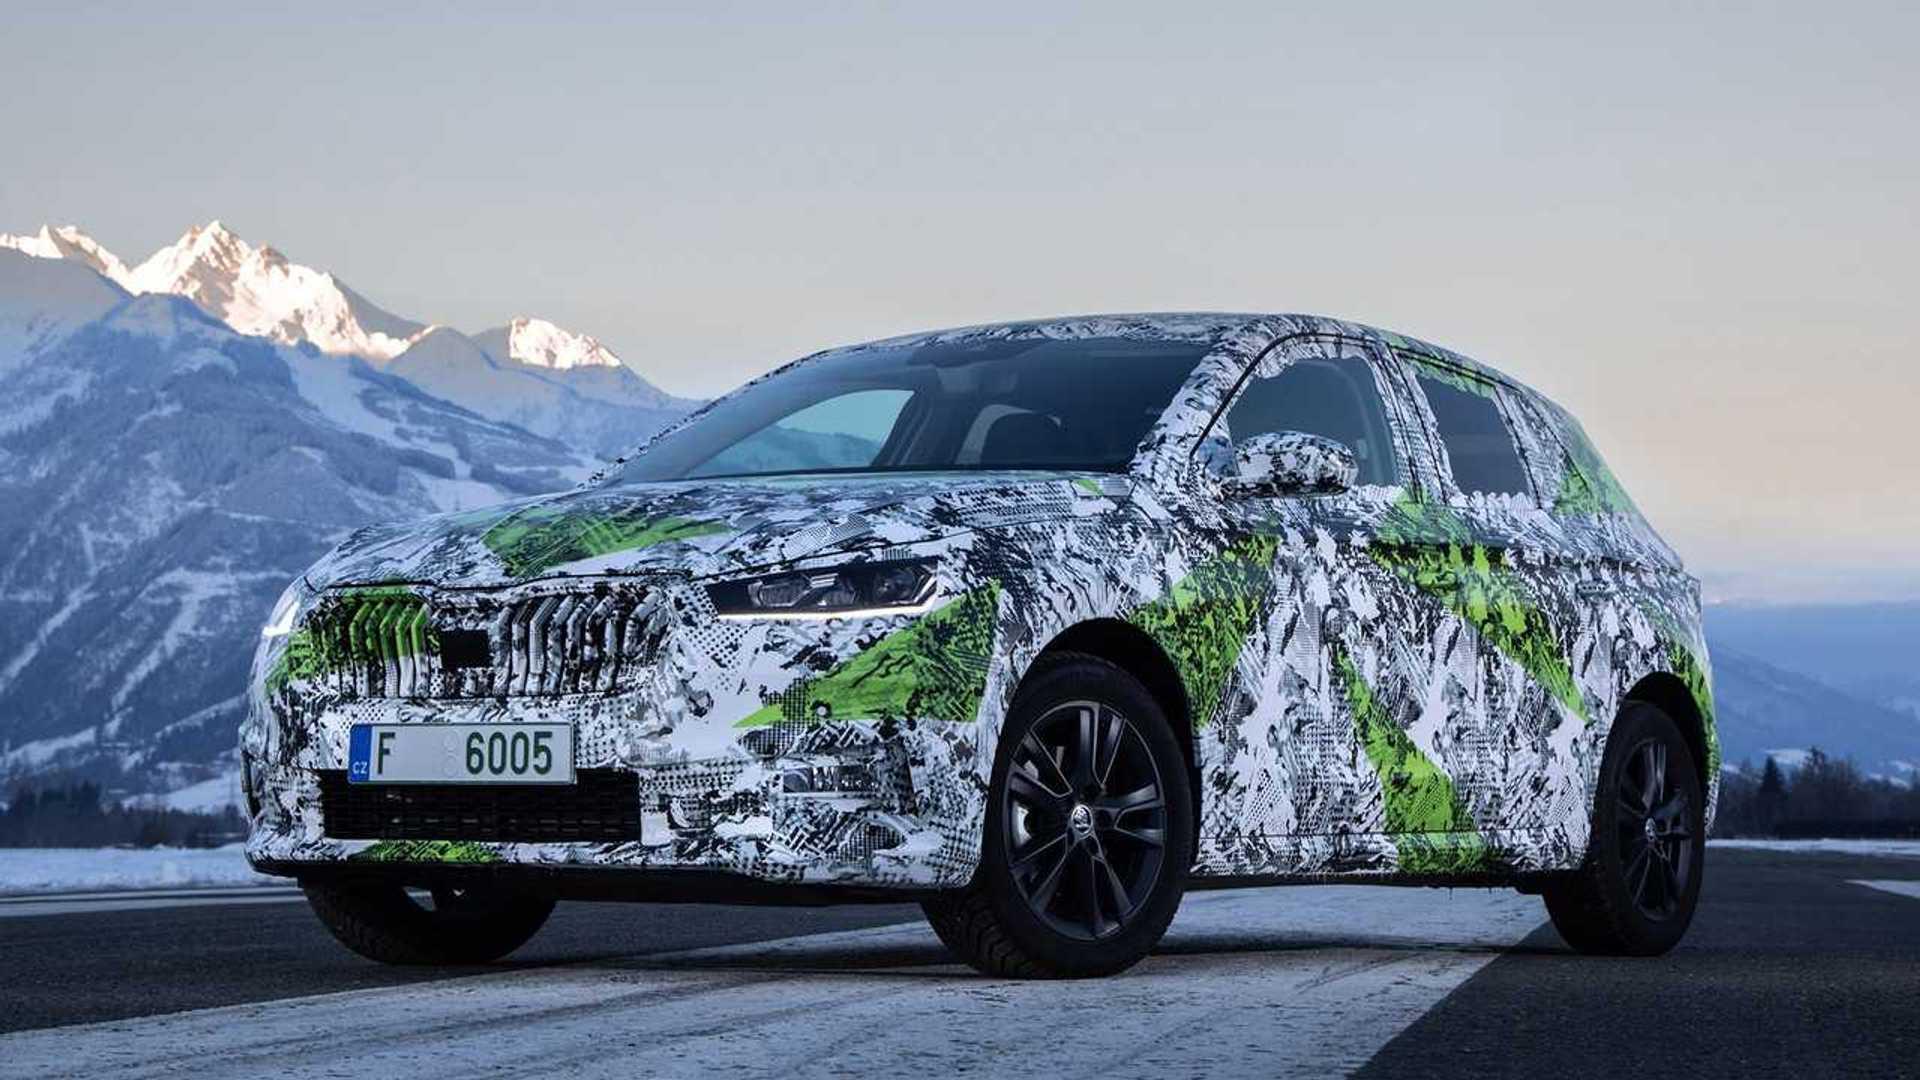 Skoda Fabia 2021 года представила, и она такая же большая, как Volkswagen Golf Mk4